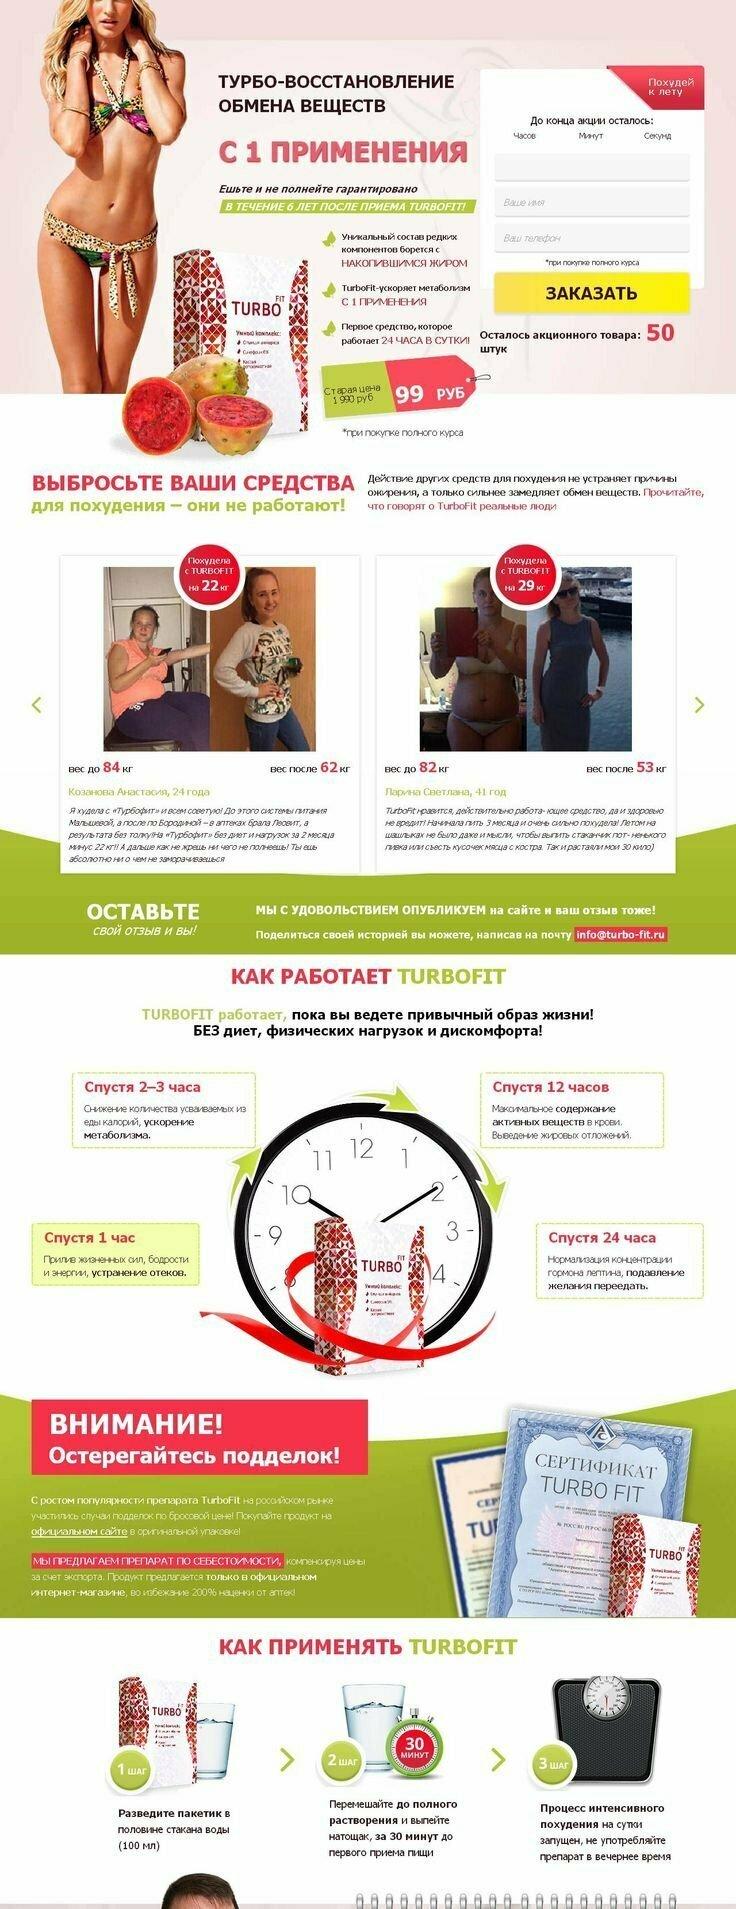 турбофит для похудения отзывы врачей